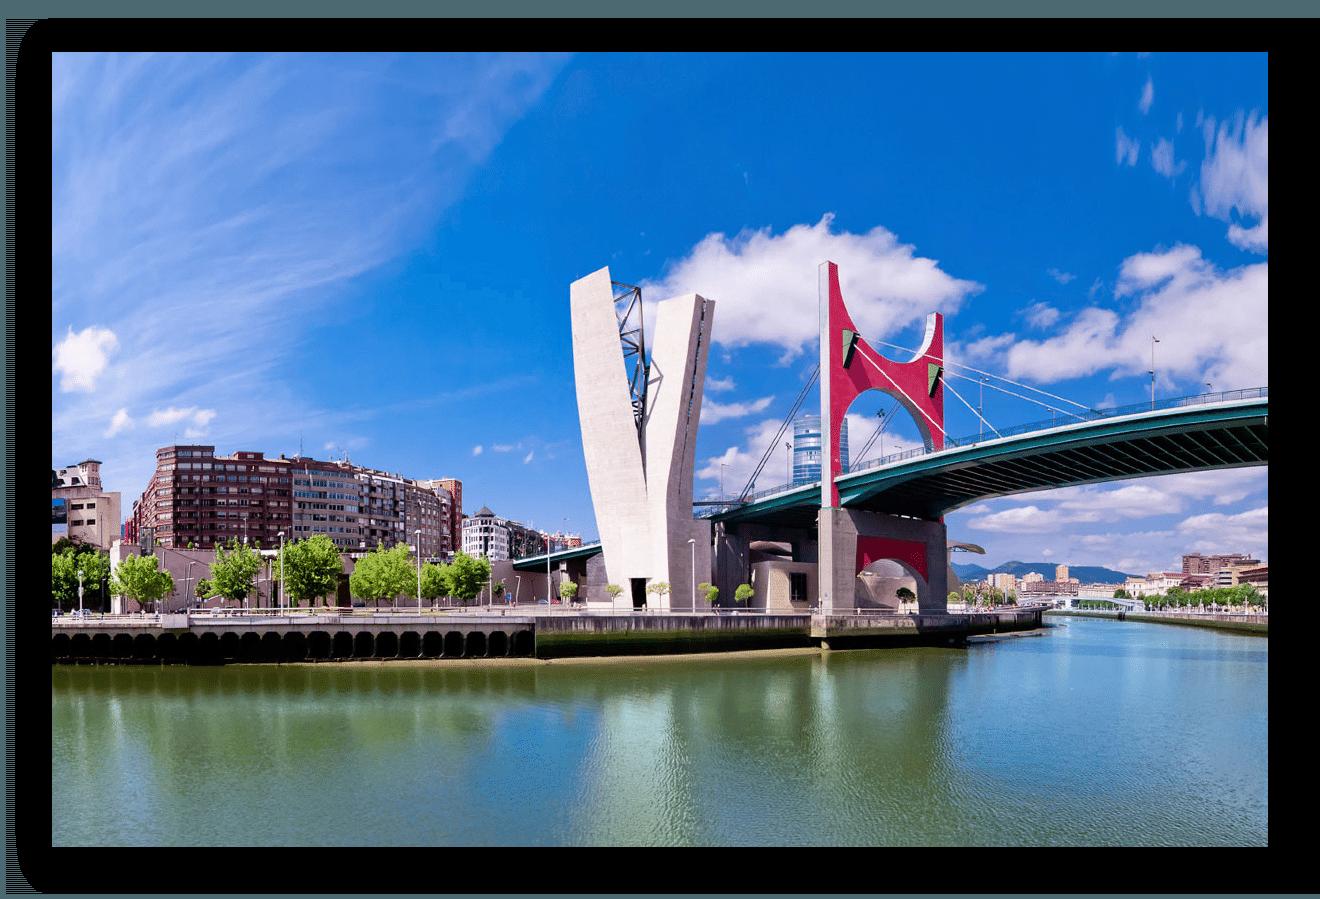 barato japanesse pequeño en Bilbao